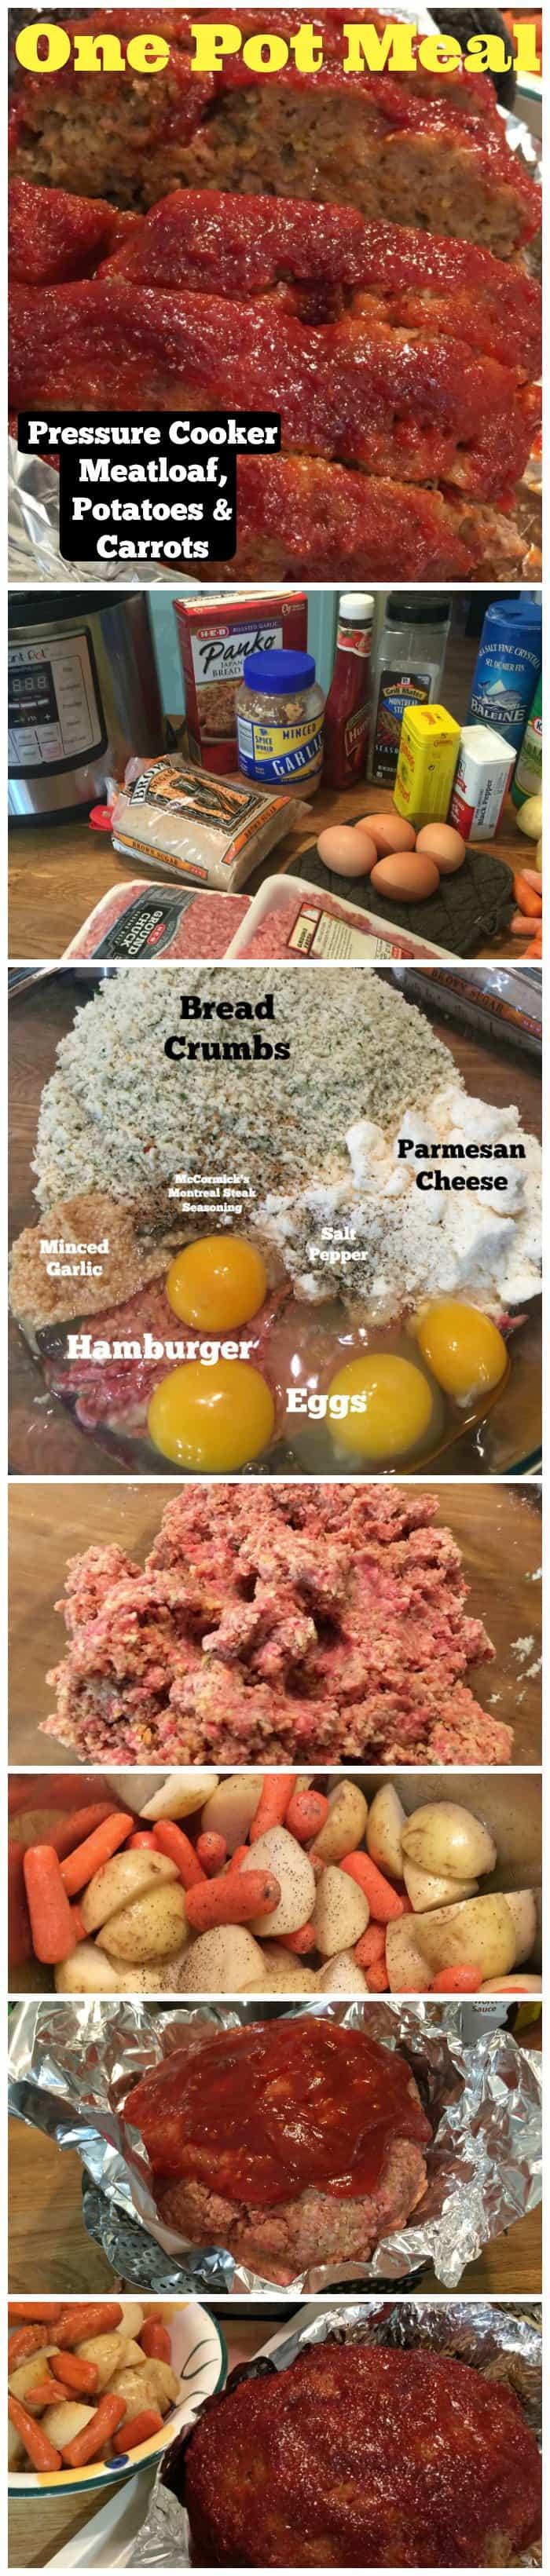 Pressure Cooker Meatloaf Recipe